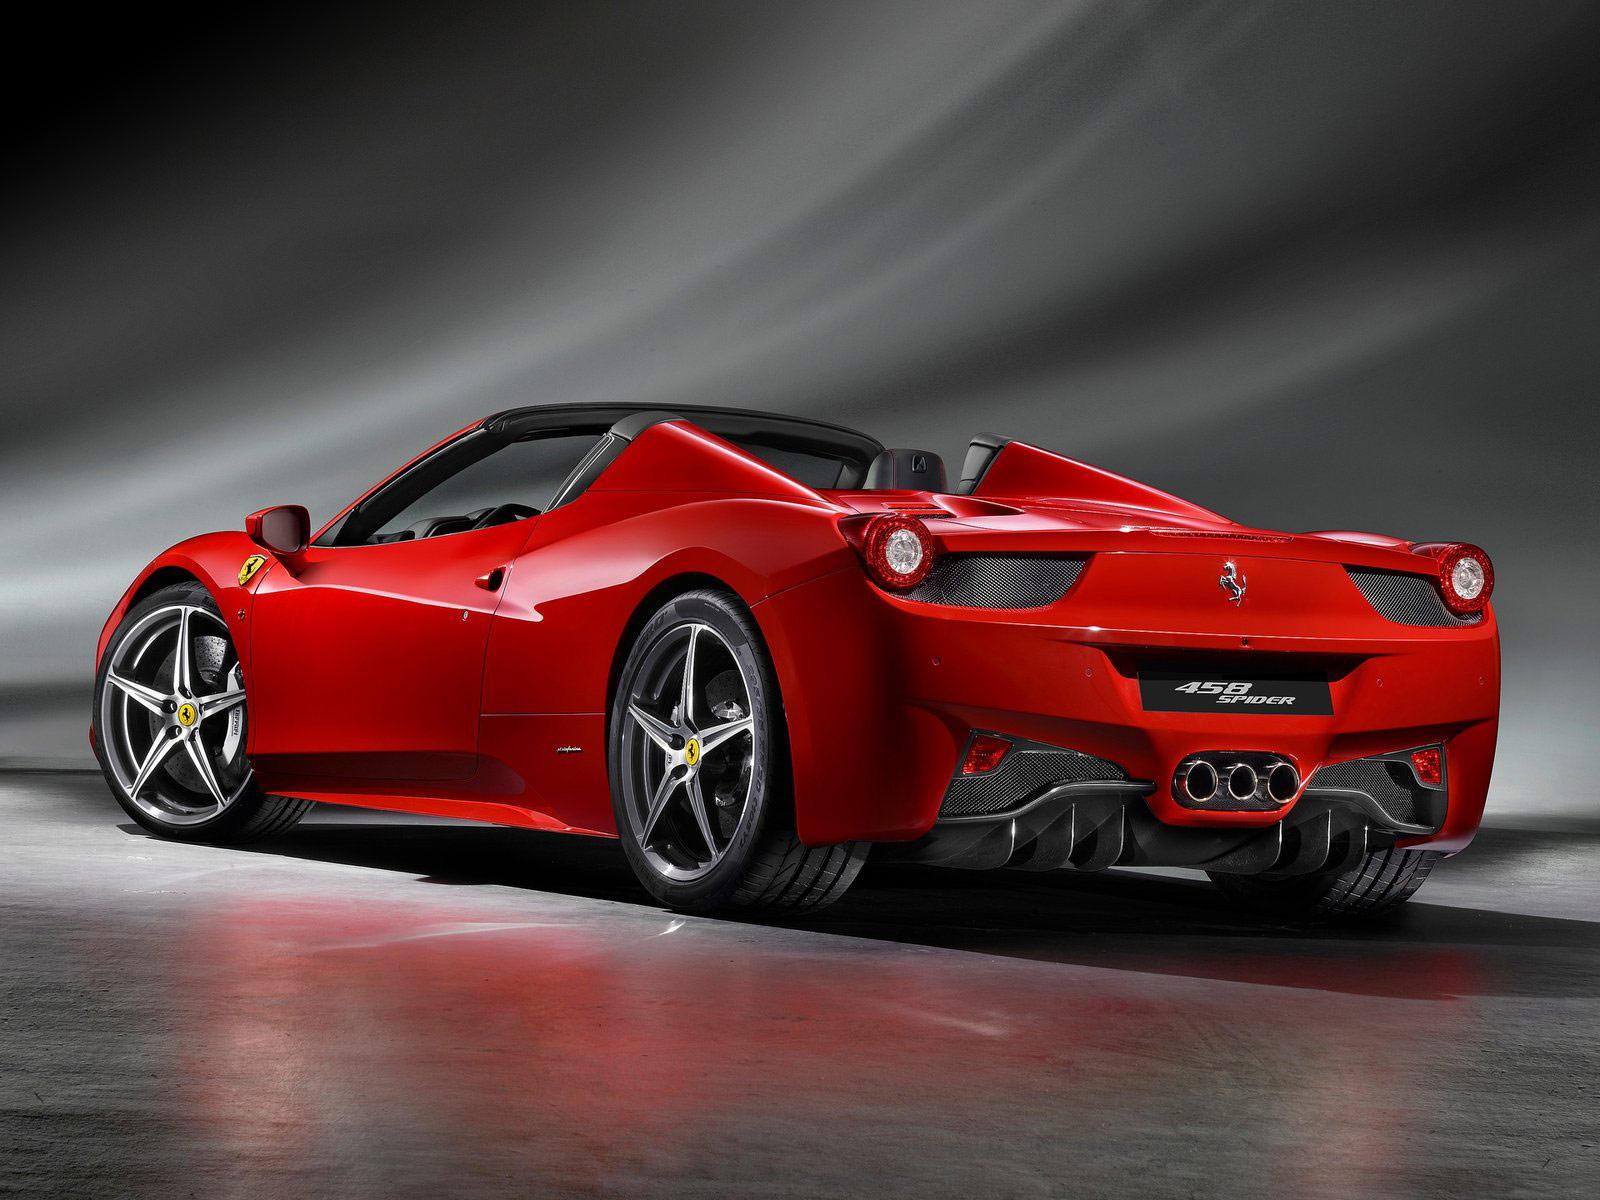 Kumpulan Gambar Mobil Sport Mewah Modifikasi Mobil